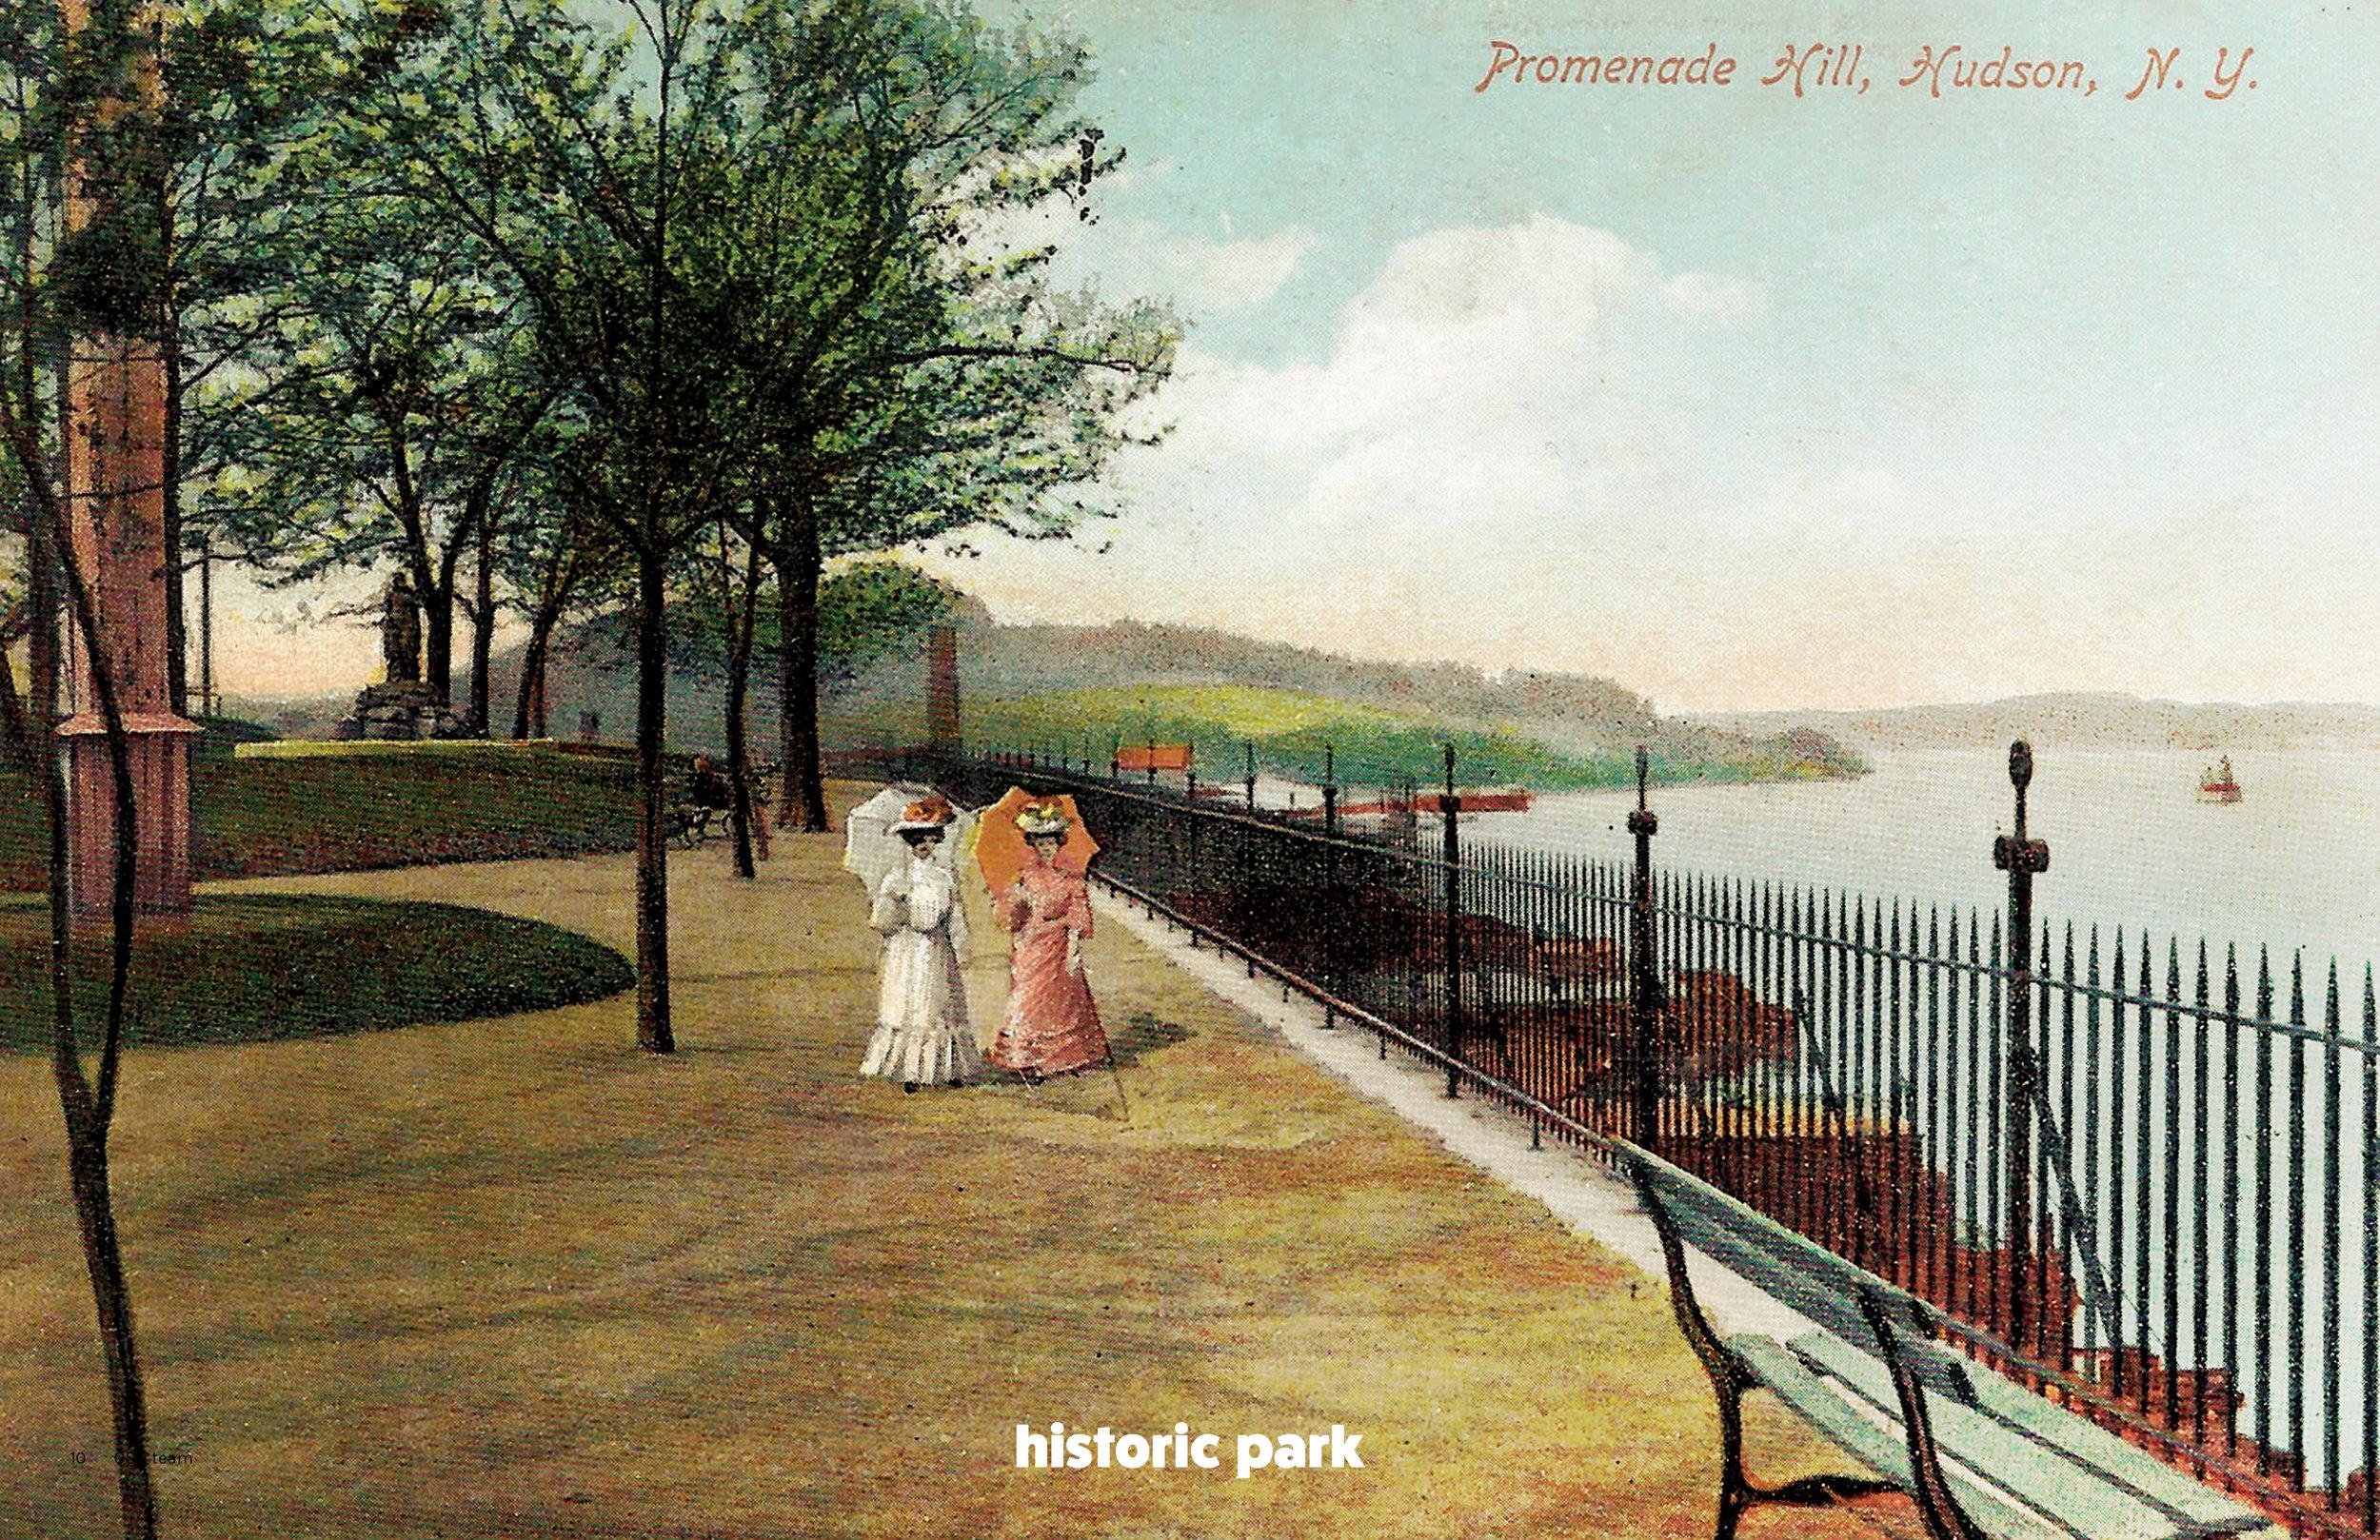 OSD_Hudson NY _Promenade Hill Park.jpg